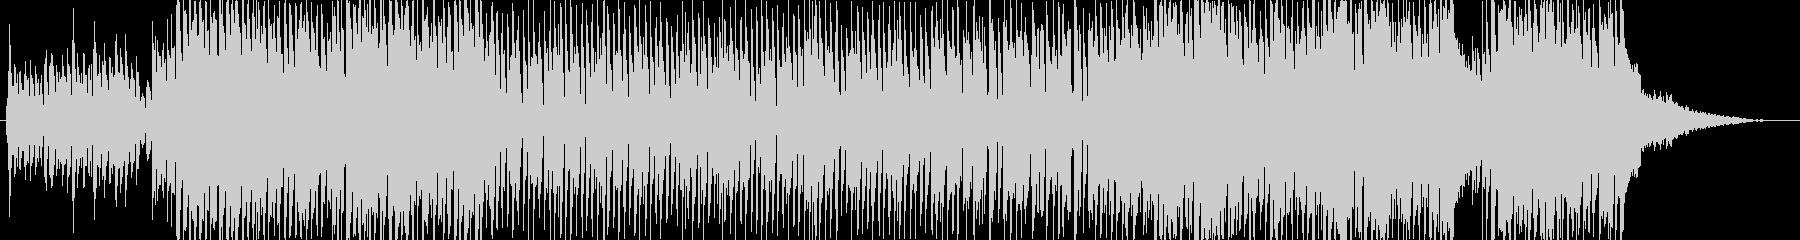 明るくアップテンポなクリスマスBGMの未再生の波形